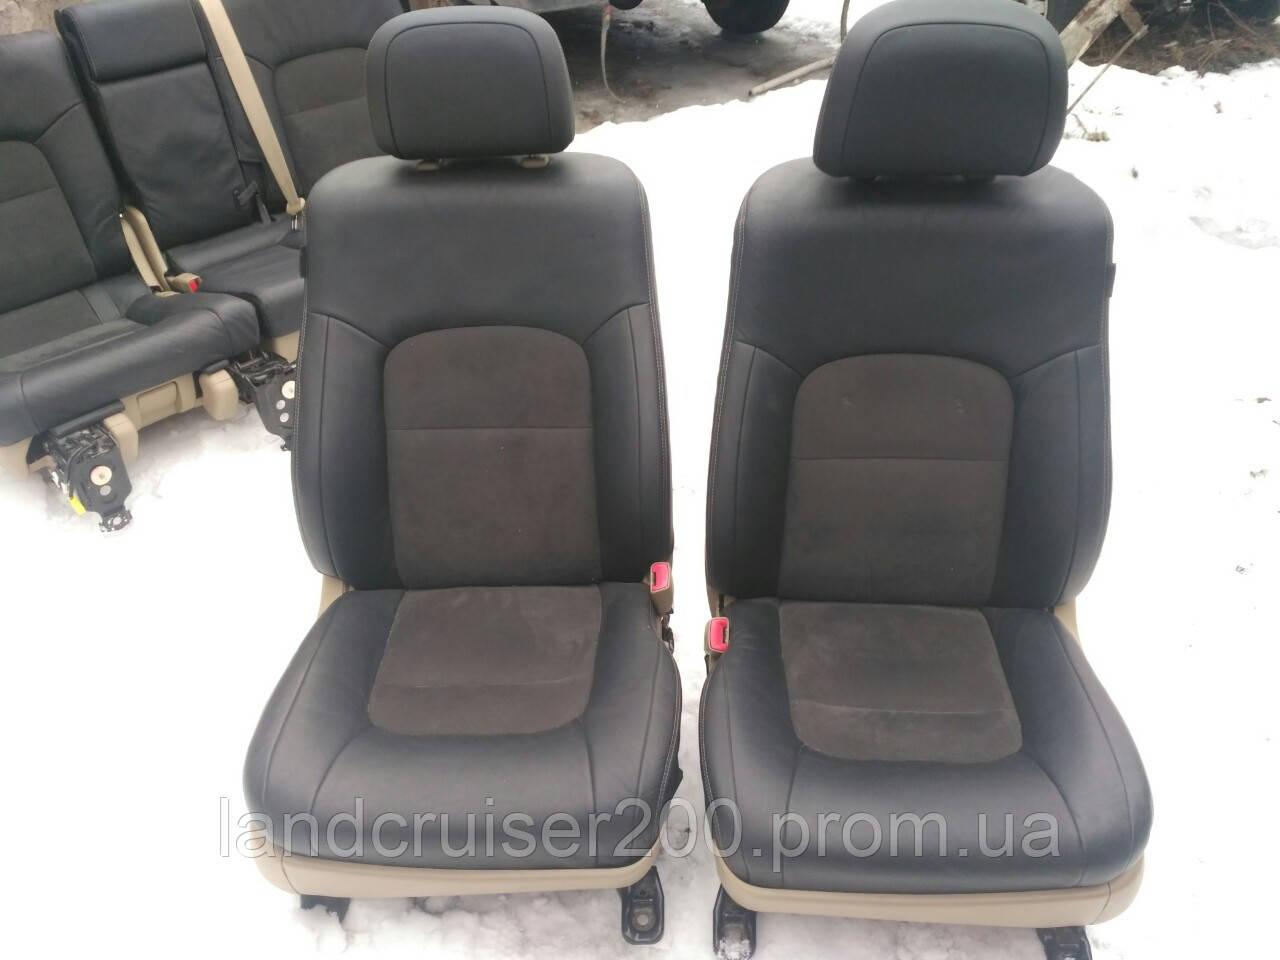 Комплект сидений (салон) Toyota land Cruiser 200